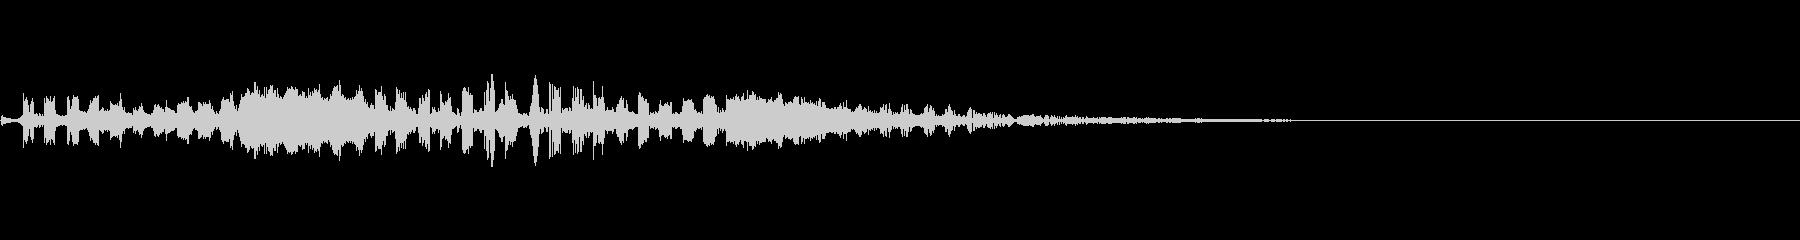 変なUFO飛来音の未再生の波形